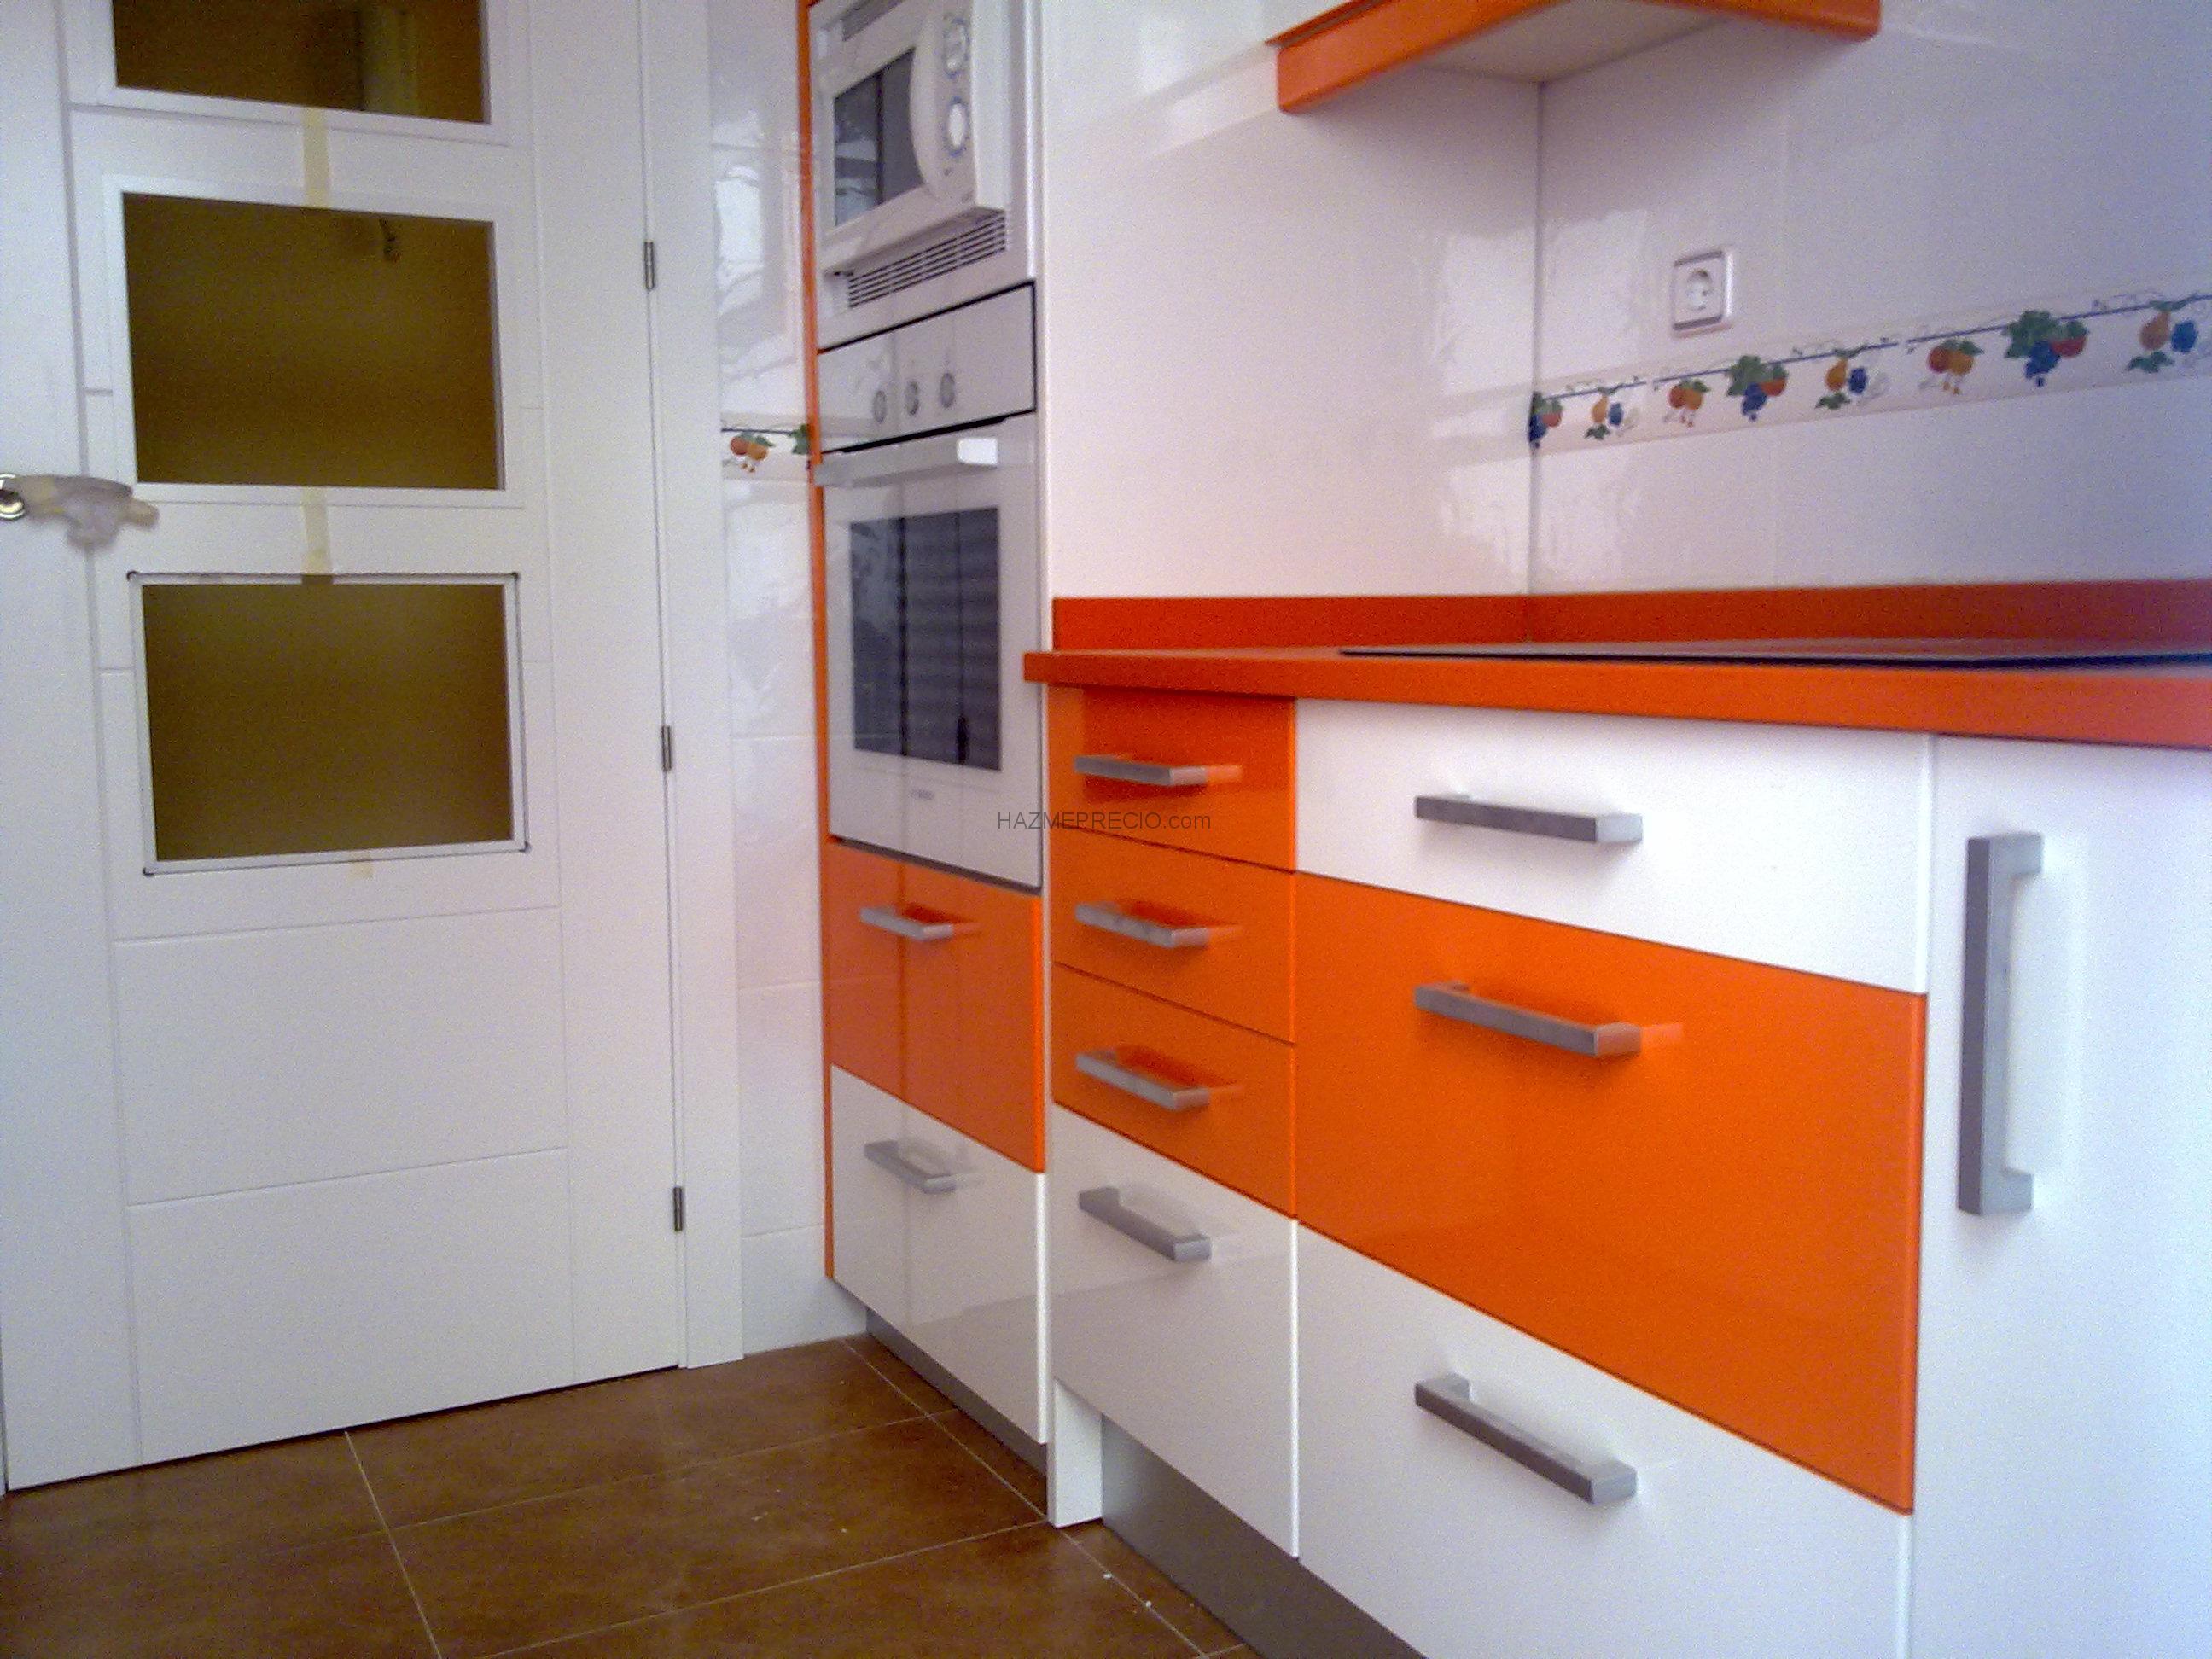 Muebles de cocina eurolar 28018 madrid madrid for Cocina 6 metros cuadrados